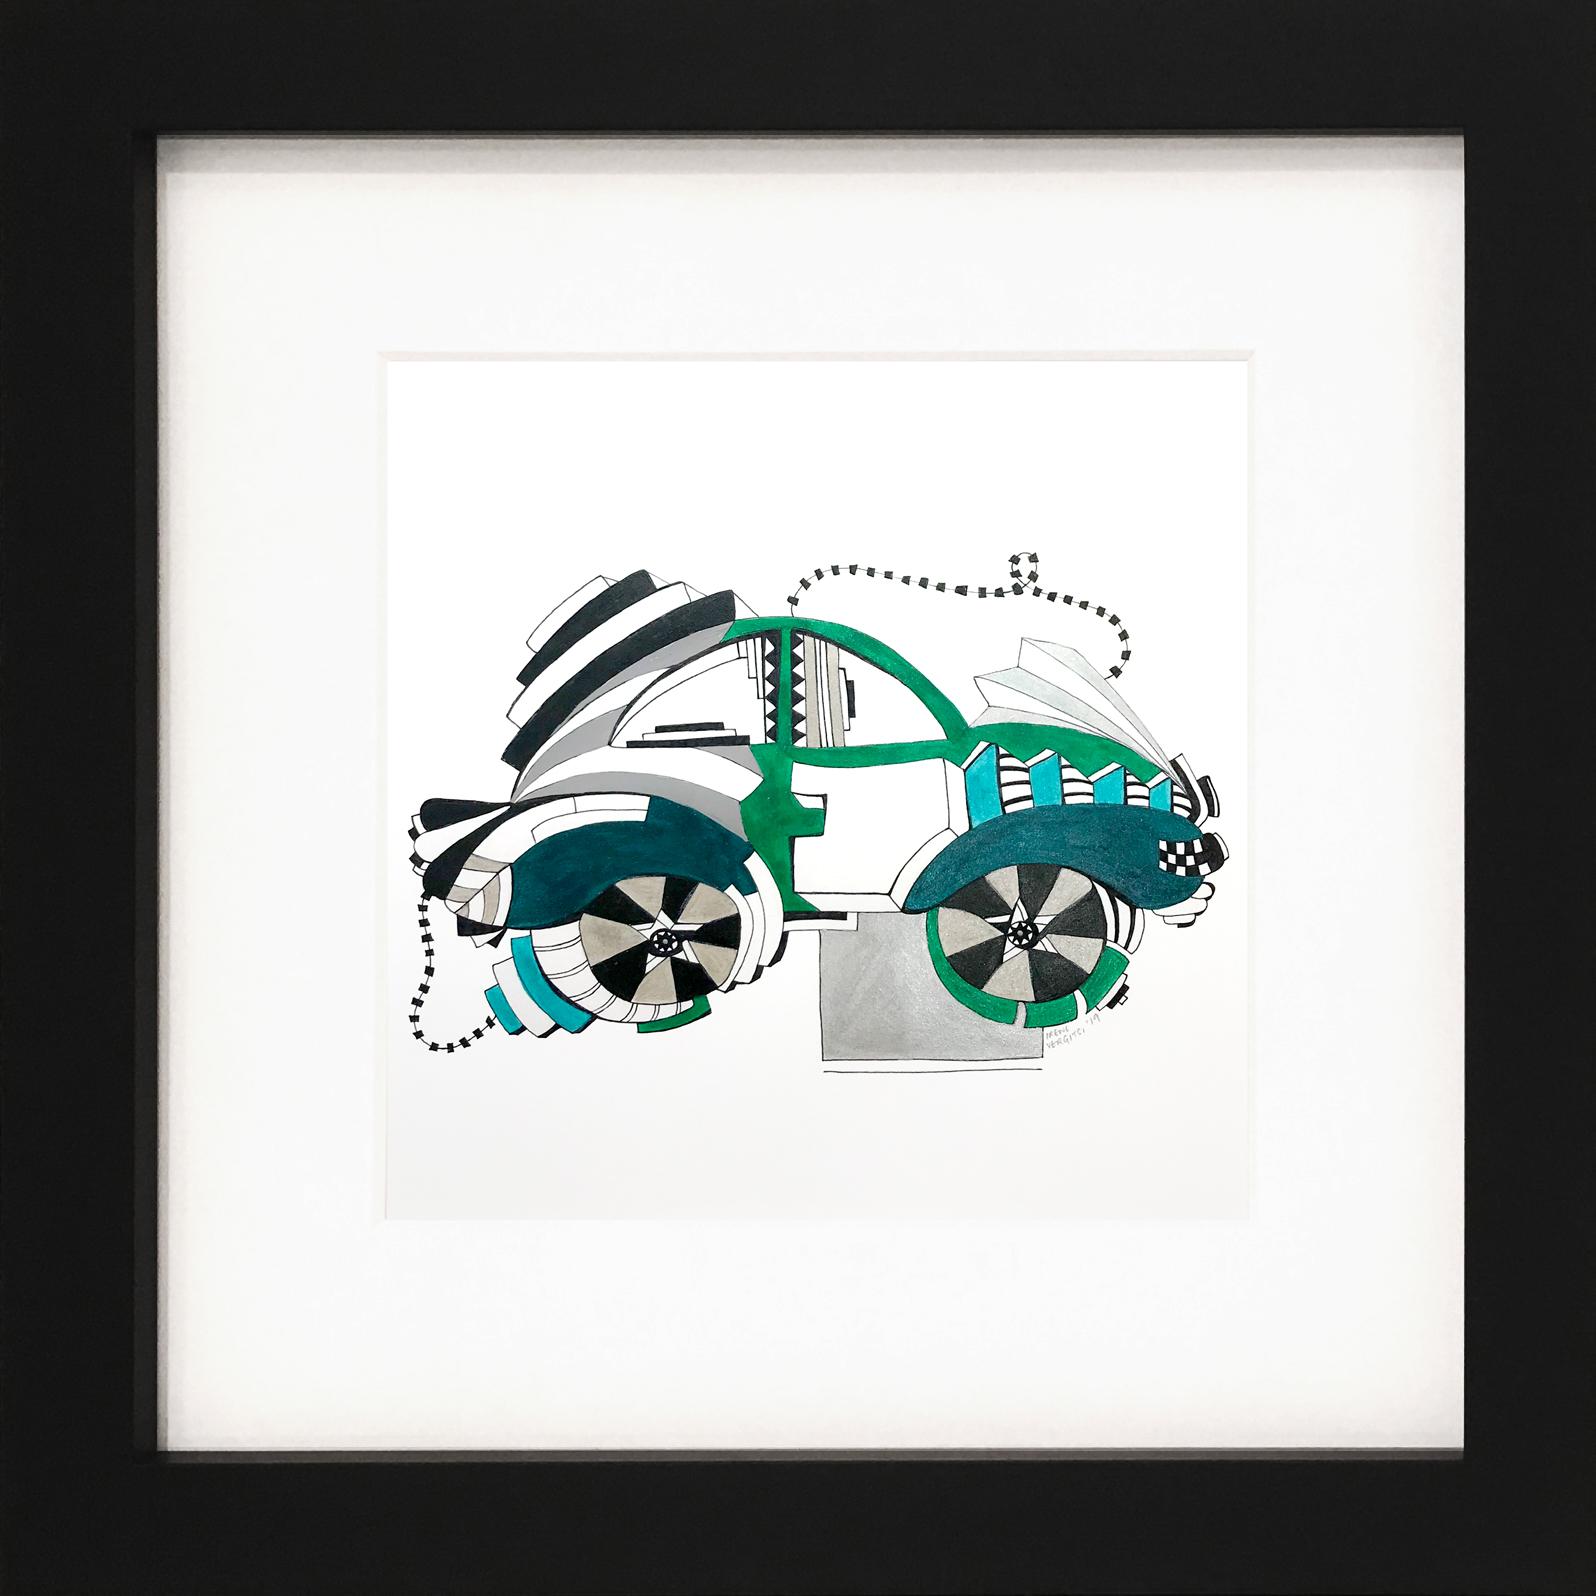 _garage 2 in frame